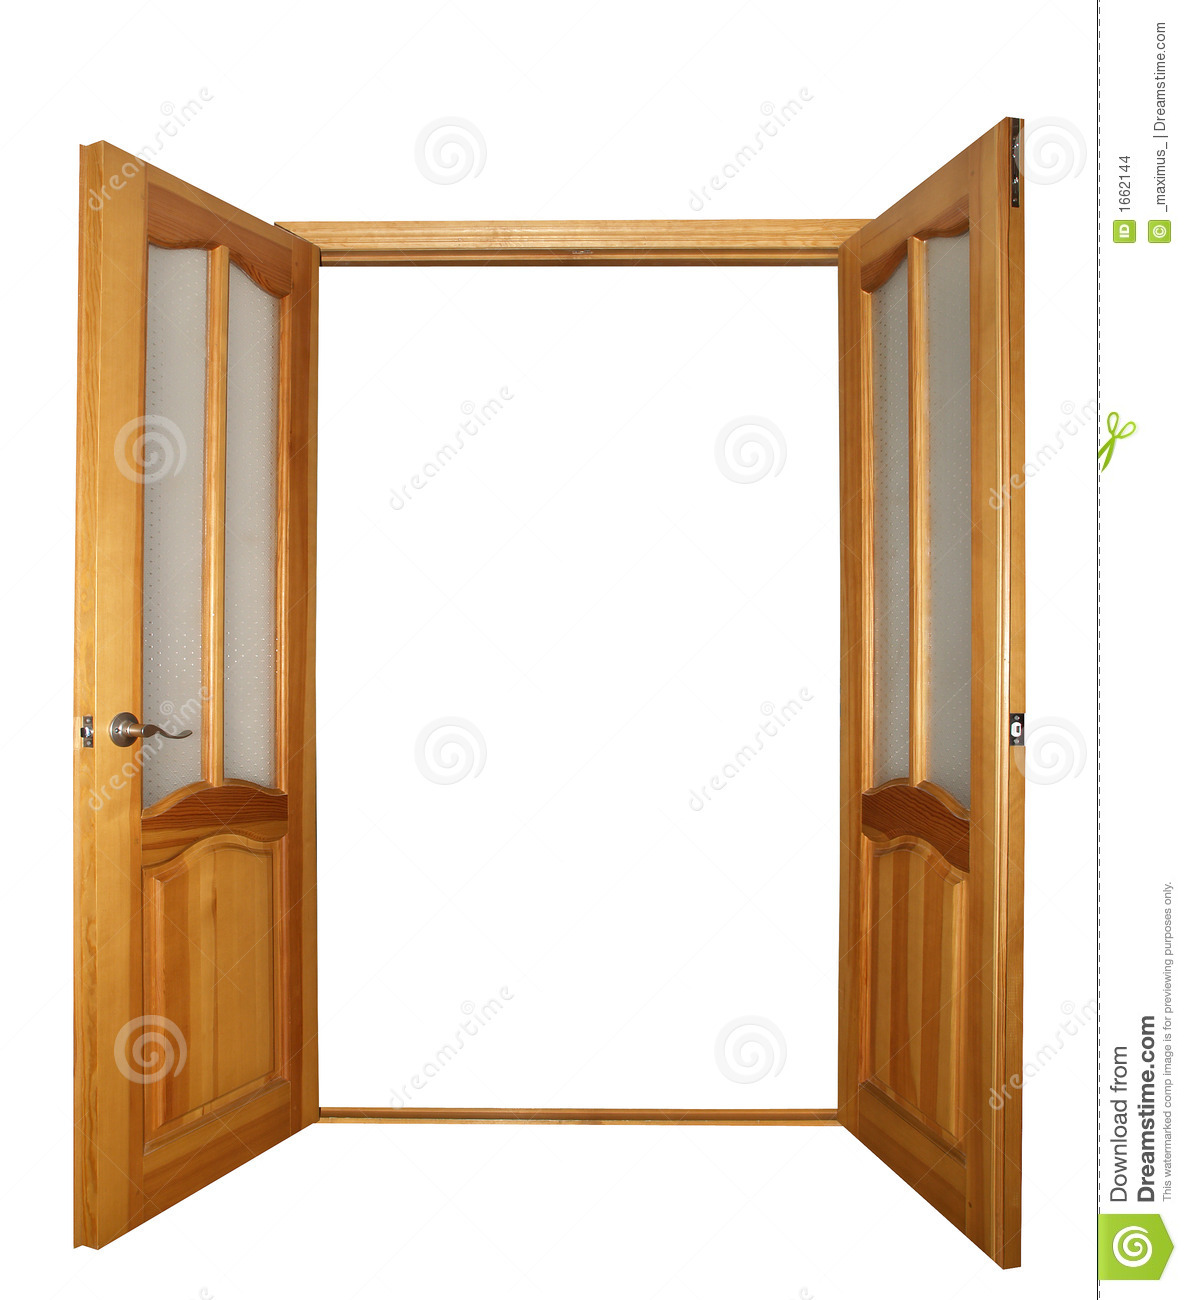 Doorway clipart wood door #3